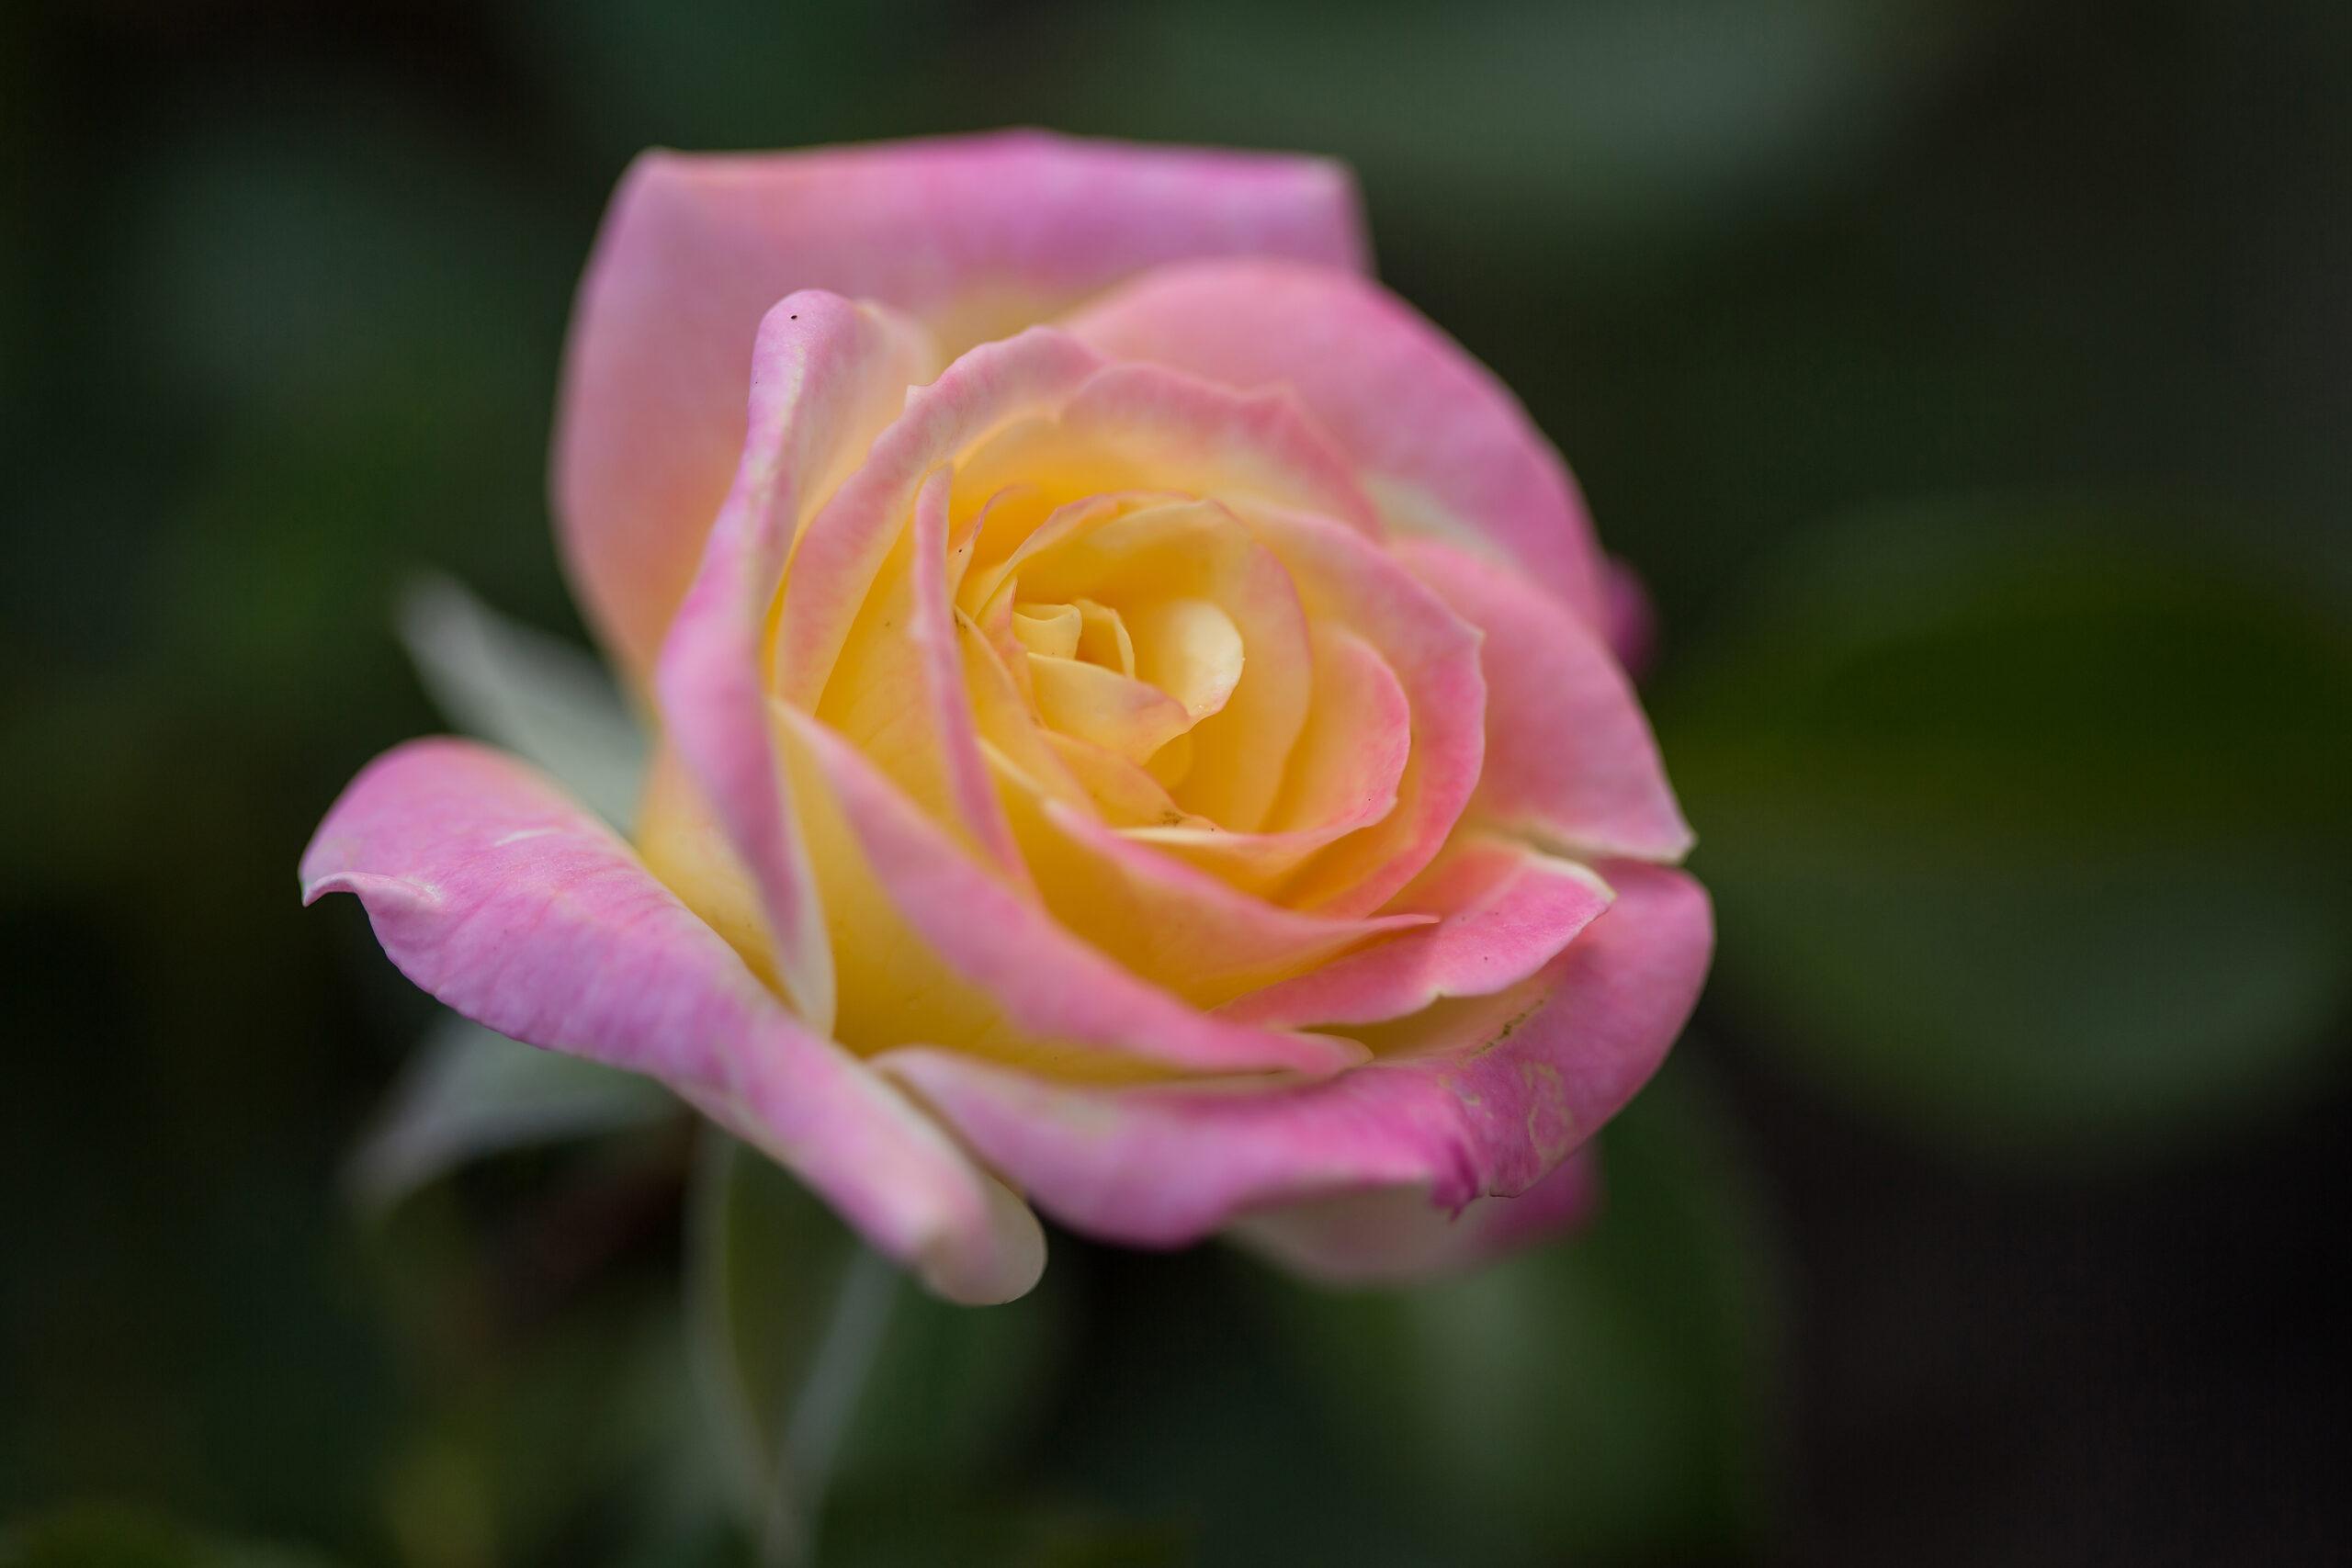 RosaEasyEleganceMusicBoxyellowblend-31-4968-1-1